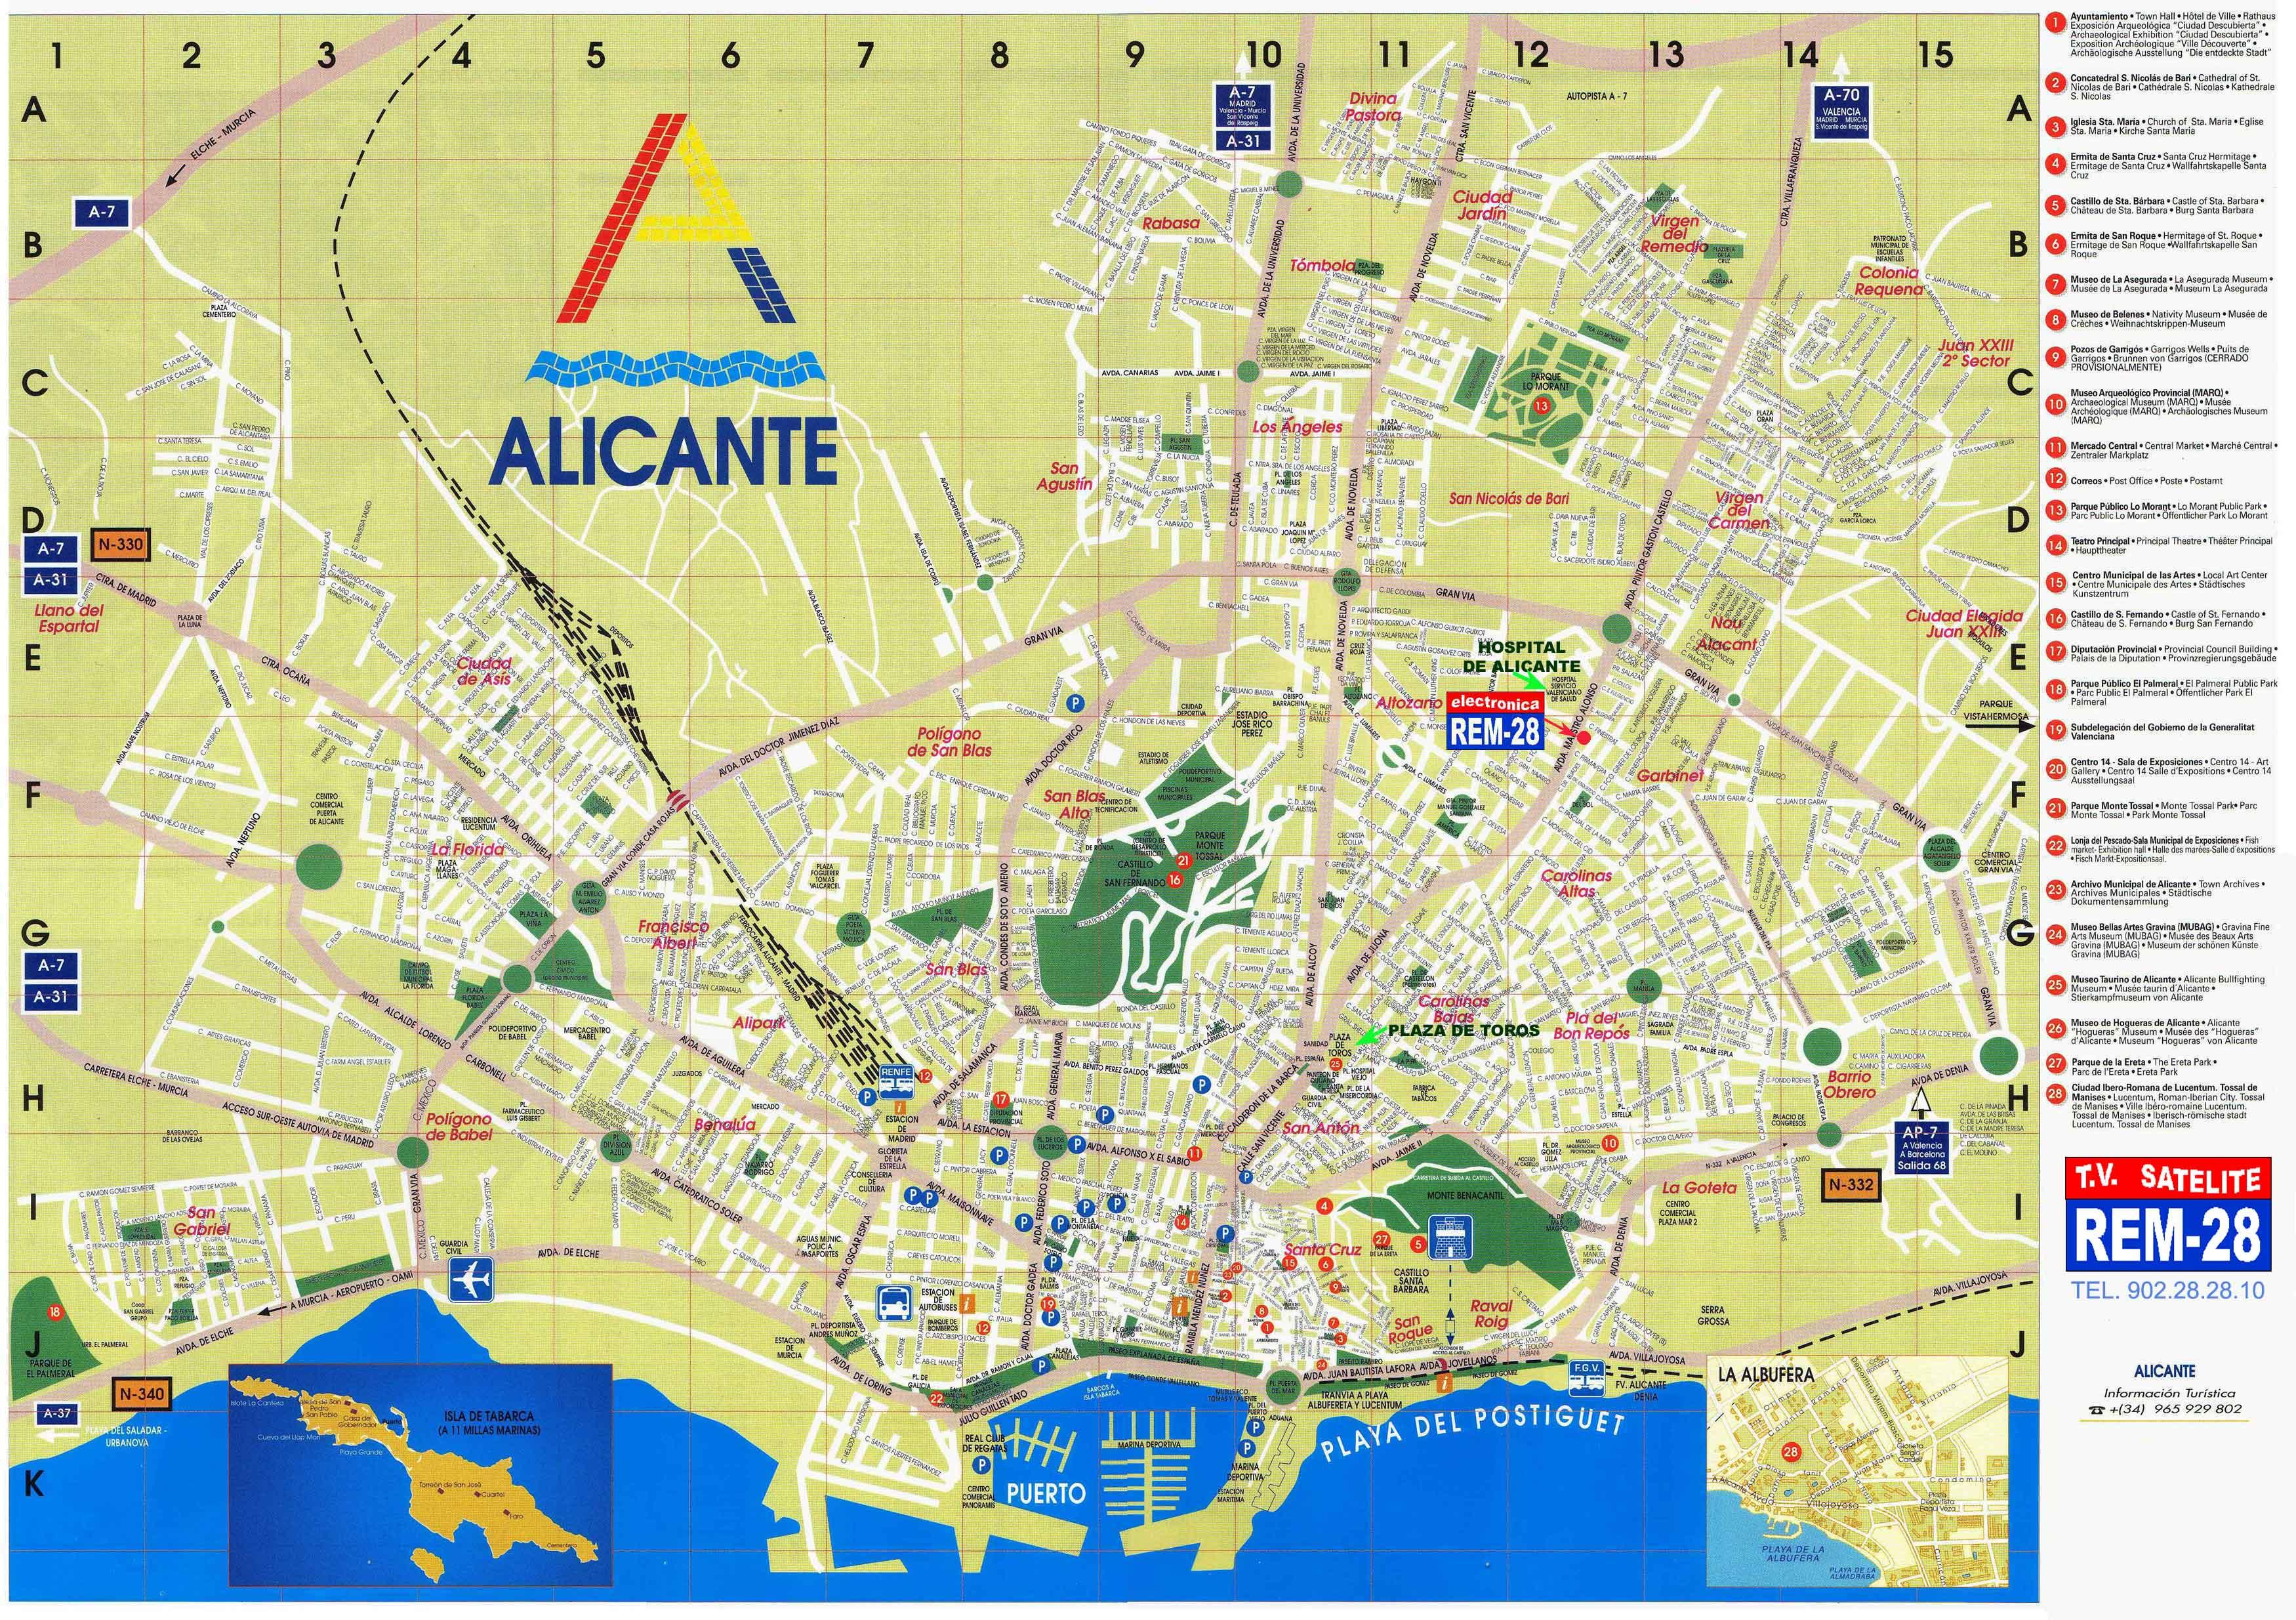 Mapa turístico de Alicante